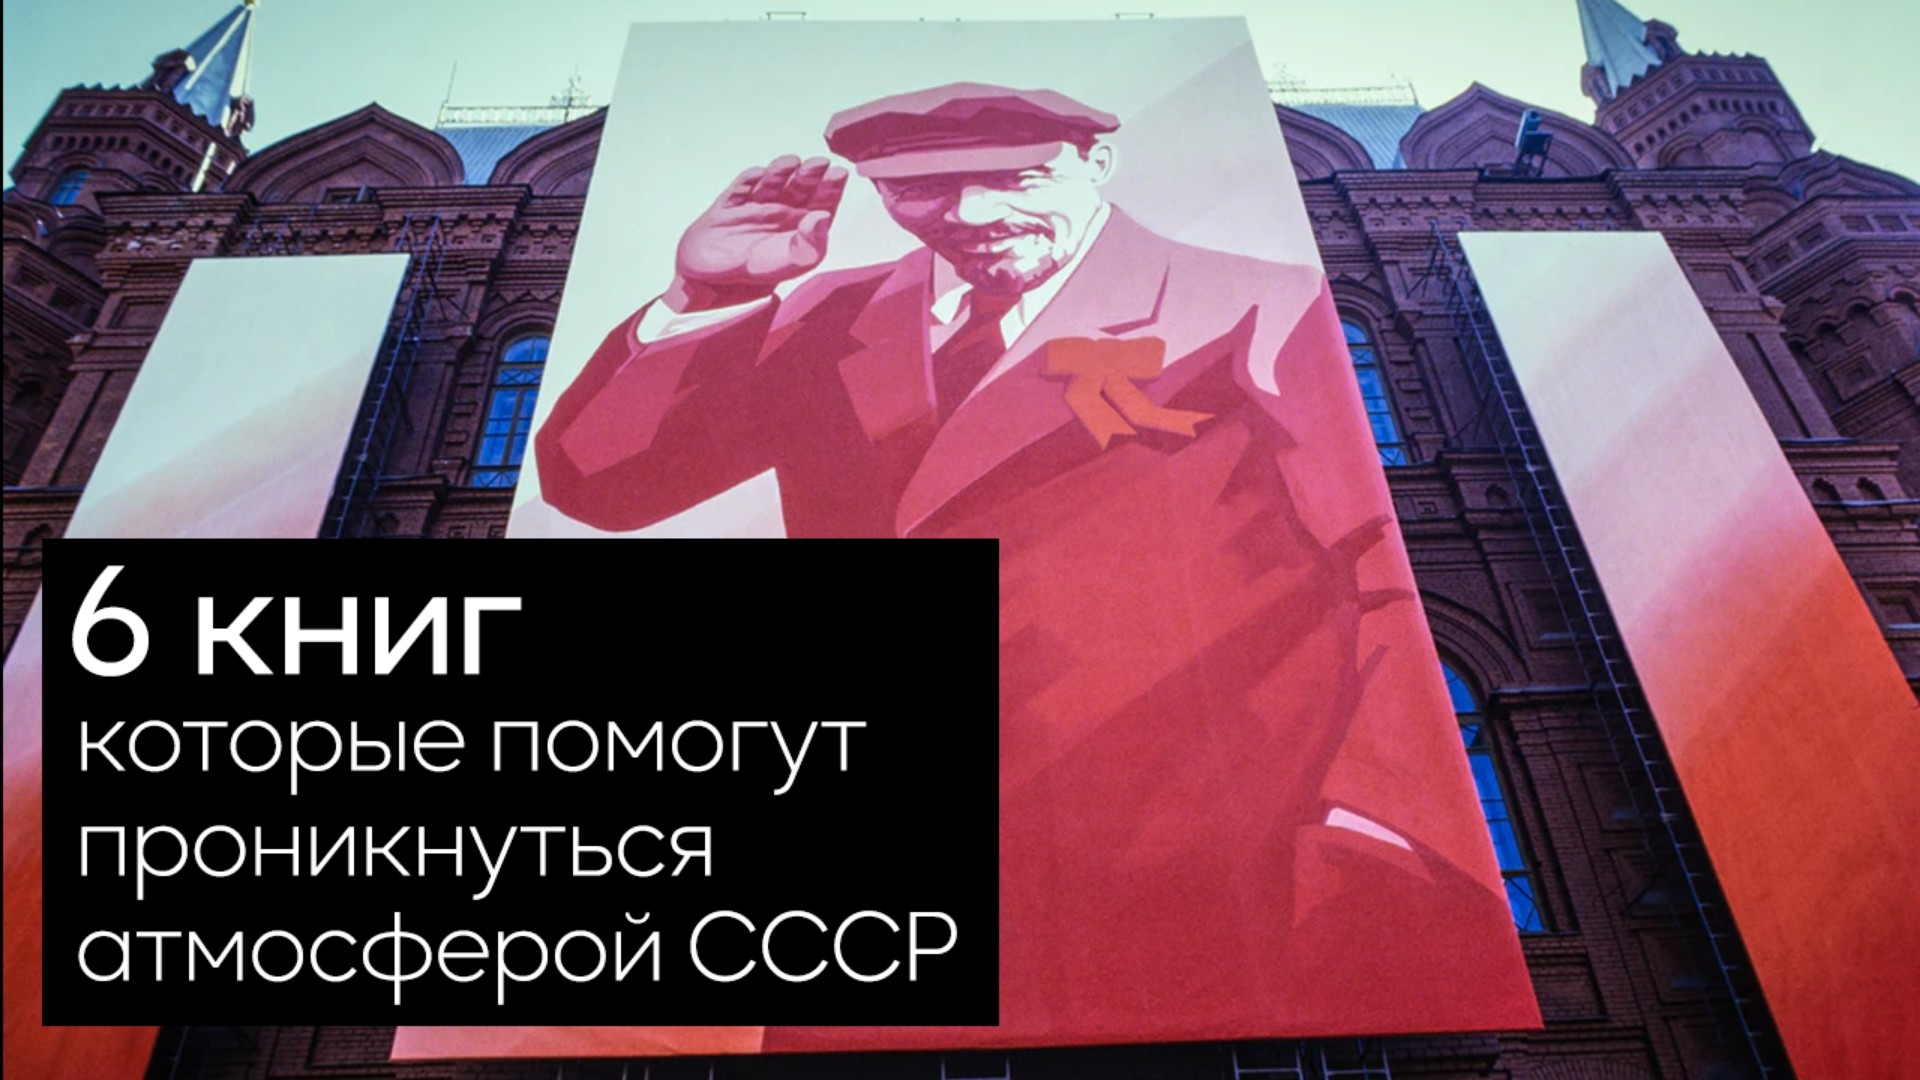 6 книг, которые помогут проникнуться атмосферой СССР